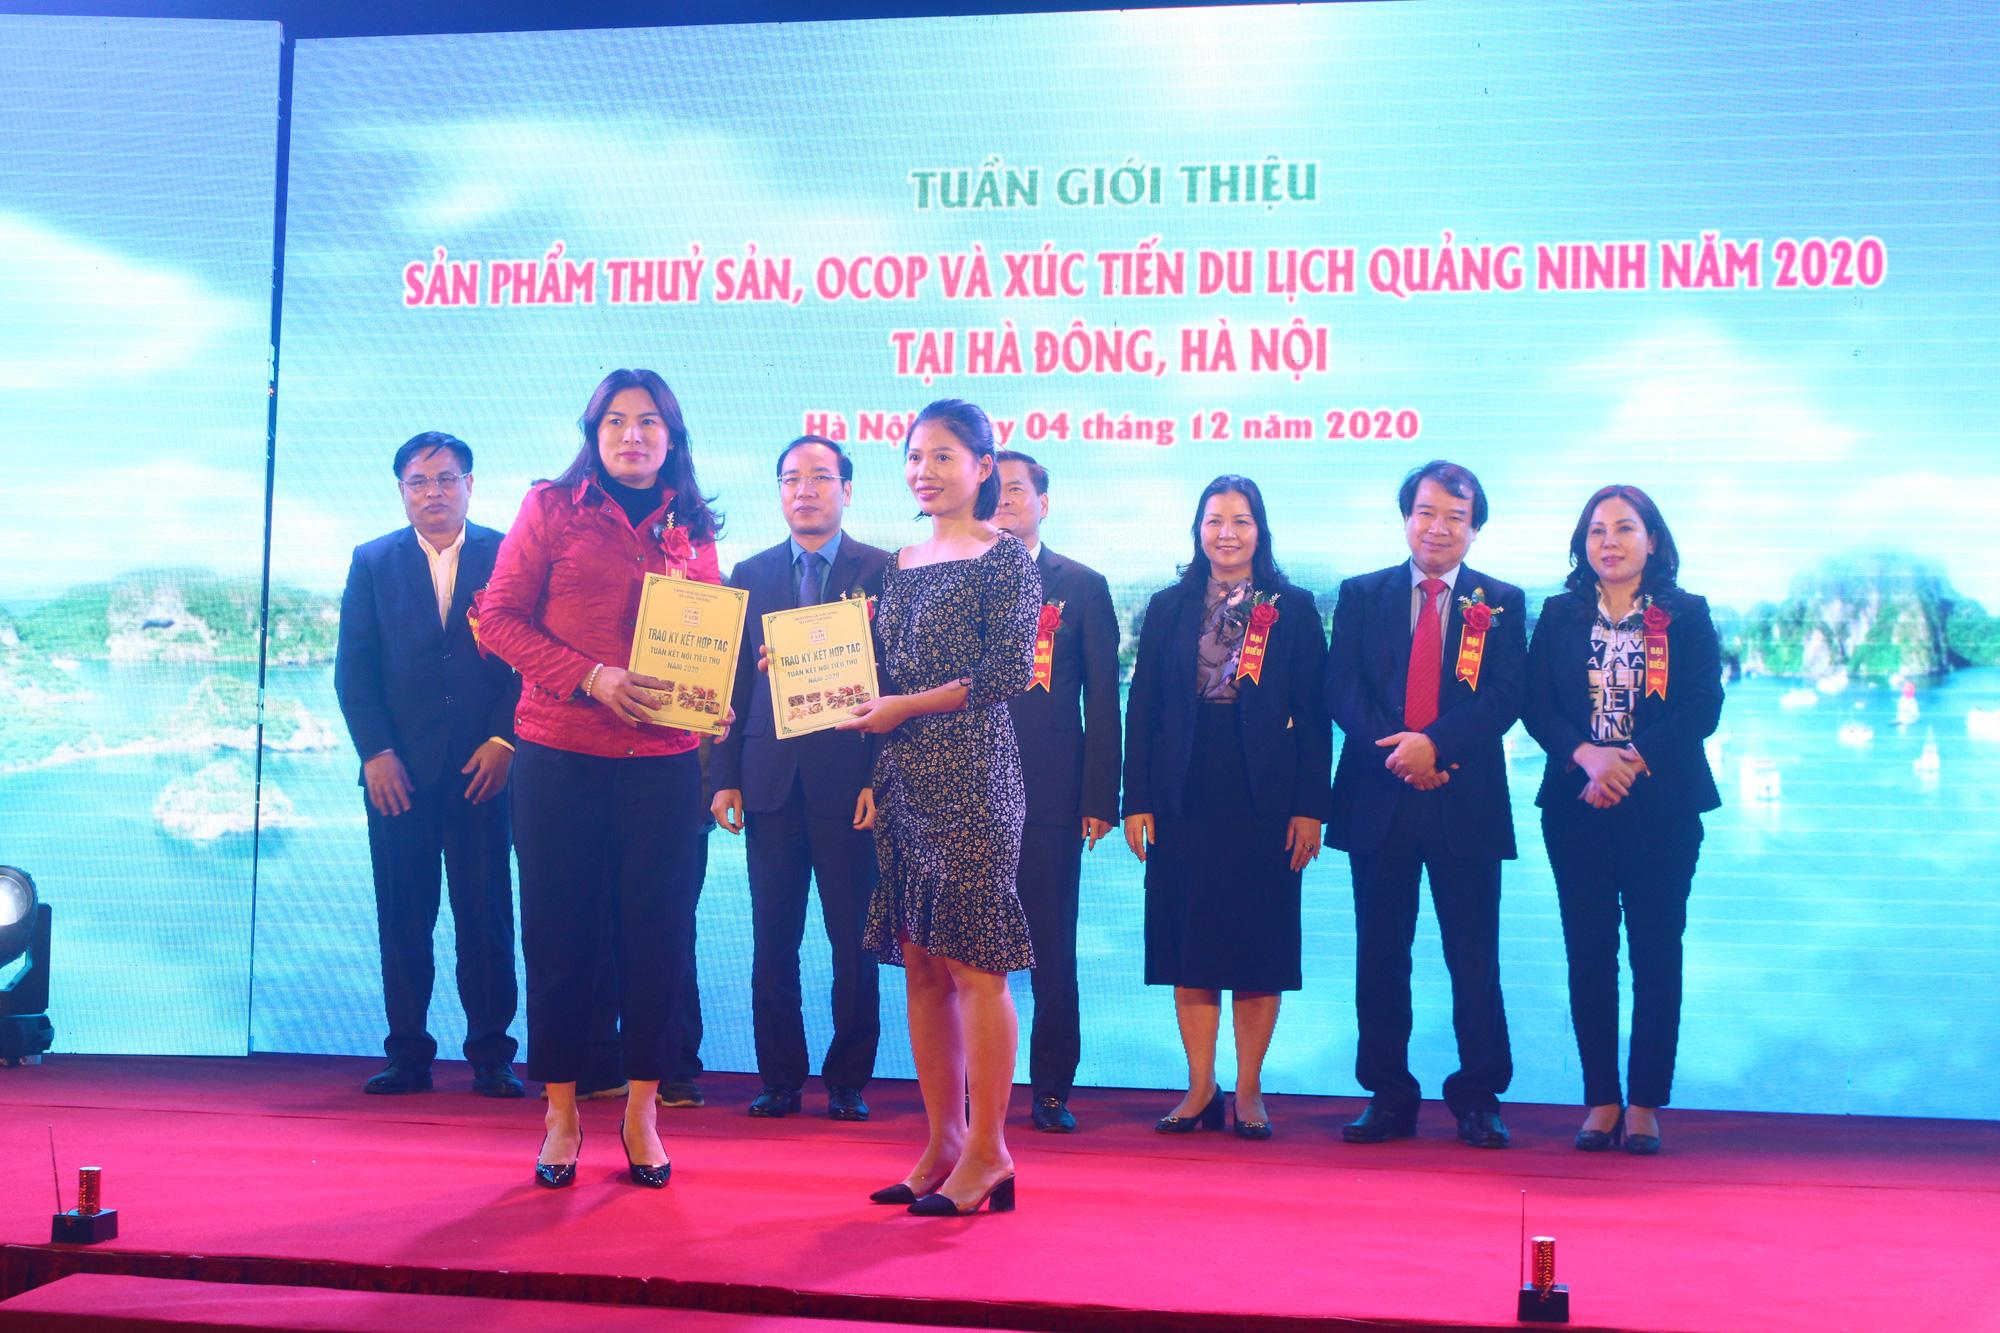 Hàng trăm đặc sản Quảng Ninh bày bán ở Hà Nội, có nước mắm sá sùng- nước mắm của loại hải sản đắt như vàng - Ảnh 8.